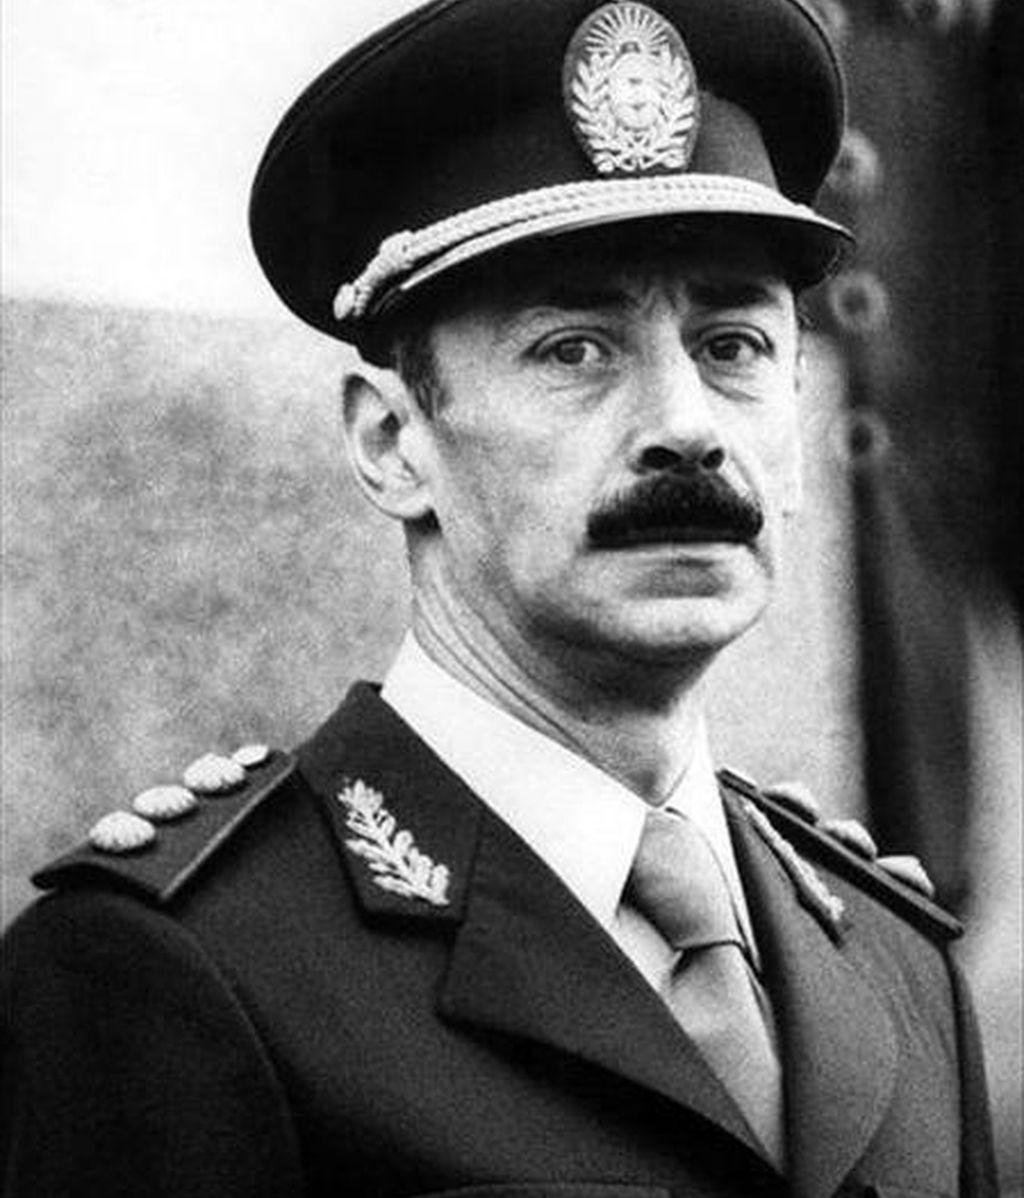 La audiencia de Nuremberg (sur de Alemania) dictó hoy orden internacional de detención contra el ex presidente argentino Jorge Rafael Videla por la muerte de un ciudadano alemán. EFE/Archivo